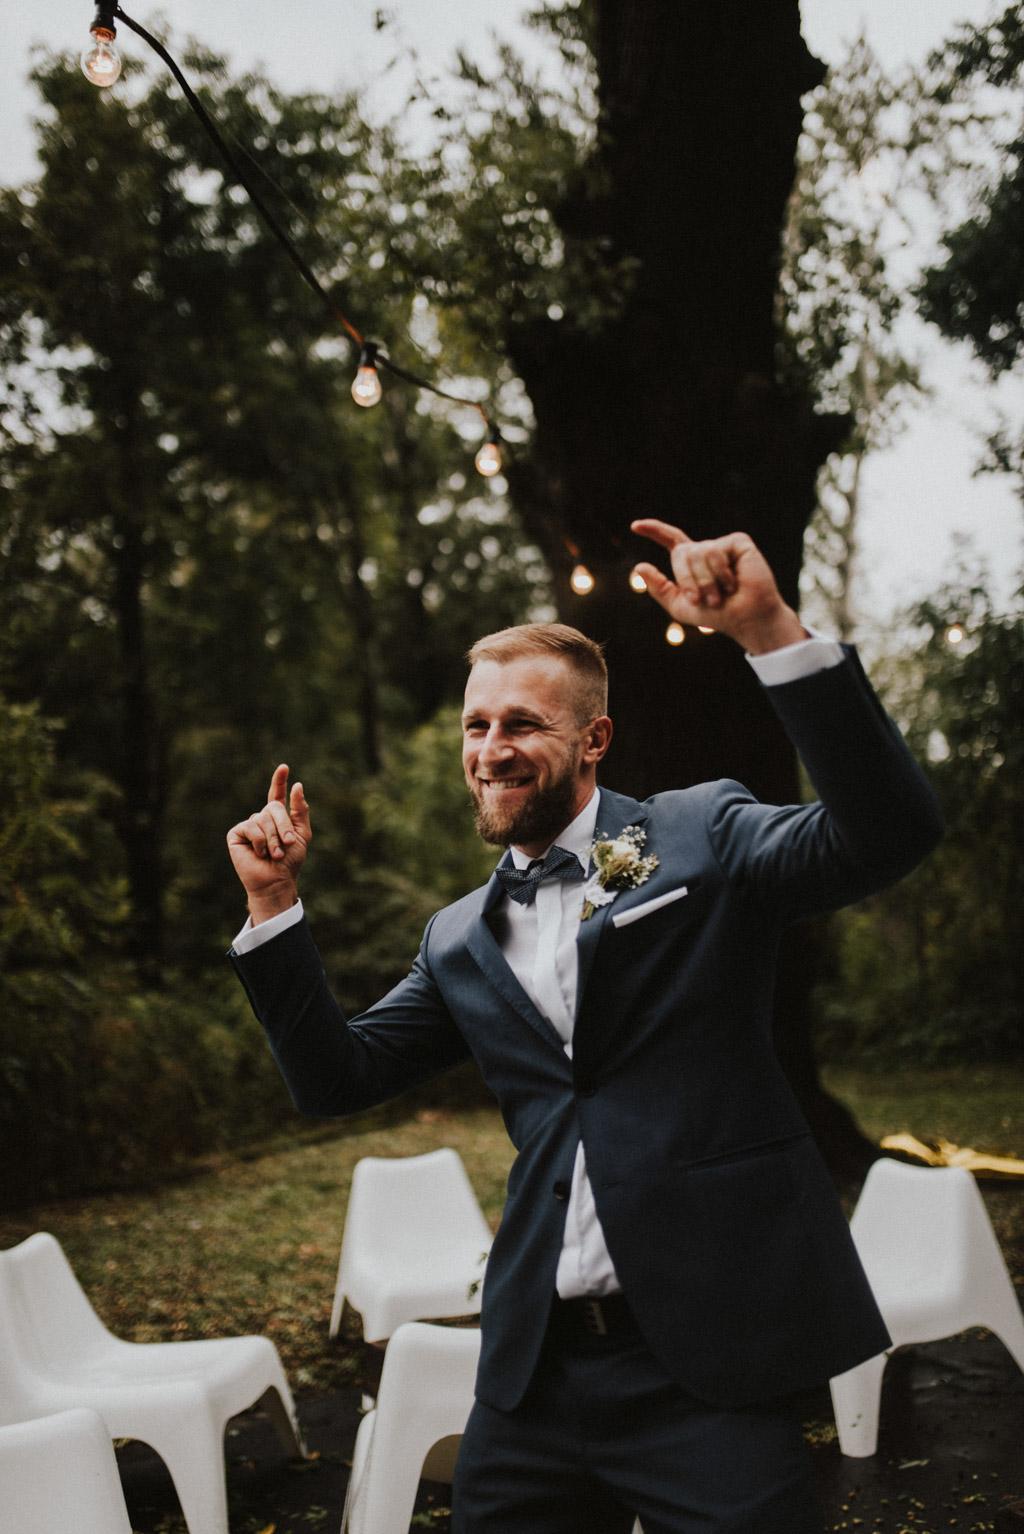 taniec pana młodego wesele plenerowe kotulińskiego 6